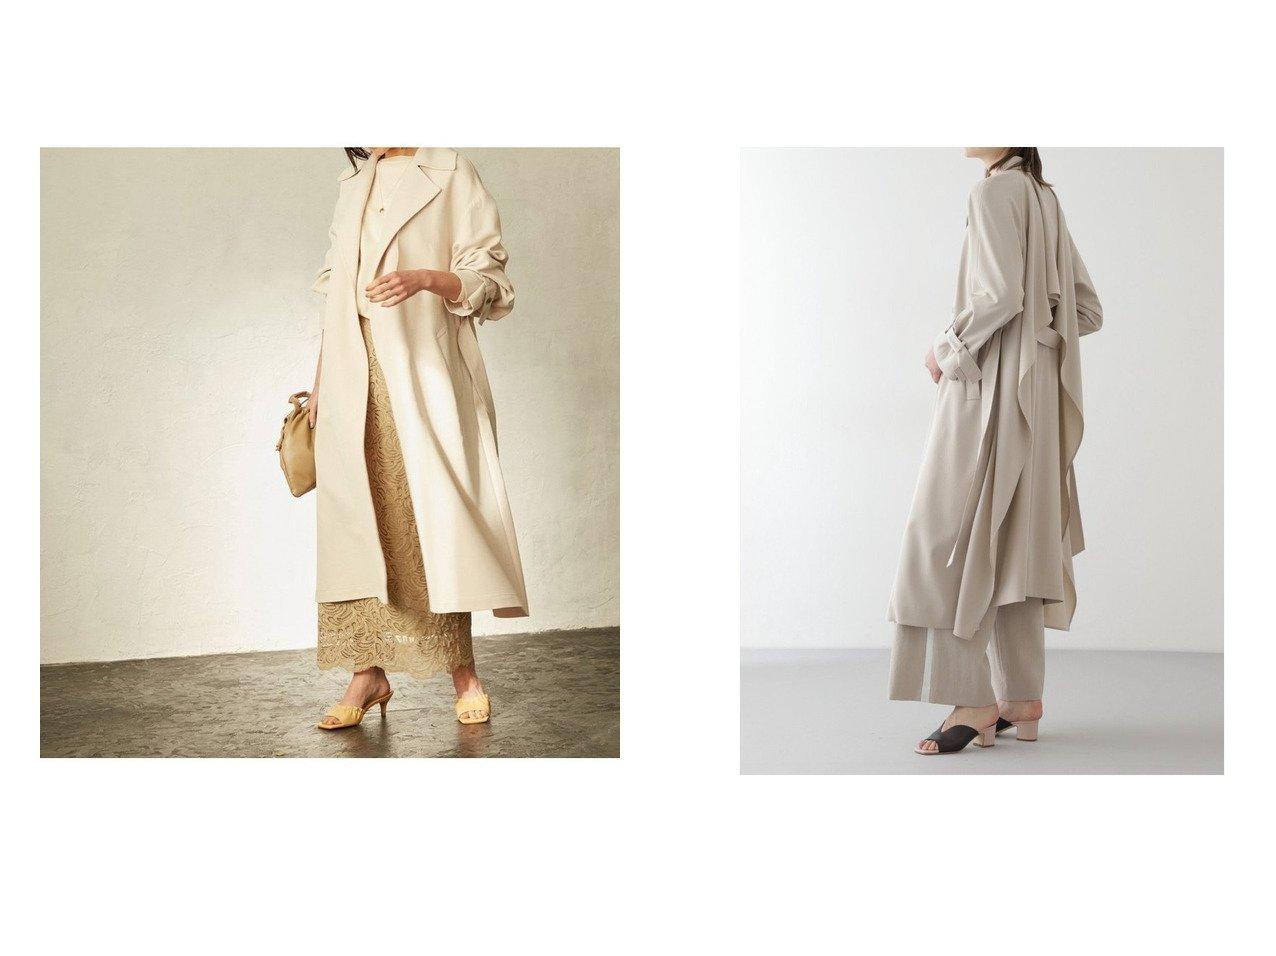 【BOSCH/ボッシュ】のバックドレープコート&【ROPE/ロペ】のガウントレンチコート アウターのおすすめ!人気、トレンド・レディースファッションの通販  おすすめで人気の流行・トレンド、ファッションの通販商品 メンズファッション・キッズファッション・インテリア・家具・レディースファッション・服の通販 founy(ファニー) https://founy.com/ ファッション Fashion レディースファッション WOMEN アウター Coat Outerwear コート Coats ジャケット Jackets トレンチコート Trench Coats バッグ Bag NEW・新作・新着・新入荷 New Arrivals ガウン コンパクト ジャケット トレンチ ドレープ パターン フェミニン ポケット ビッグ フロント リラックス 再入荷 Restock/Back in Stock/Re Arrival 定番  ID:crp329100000009947